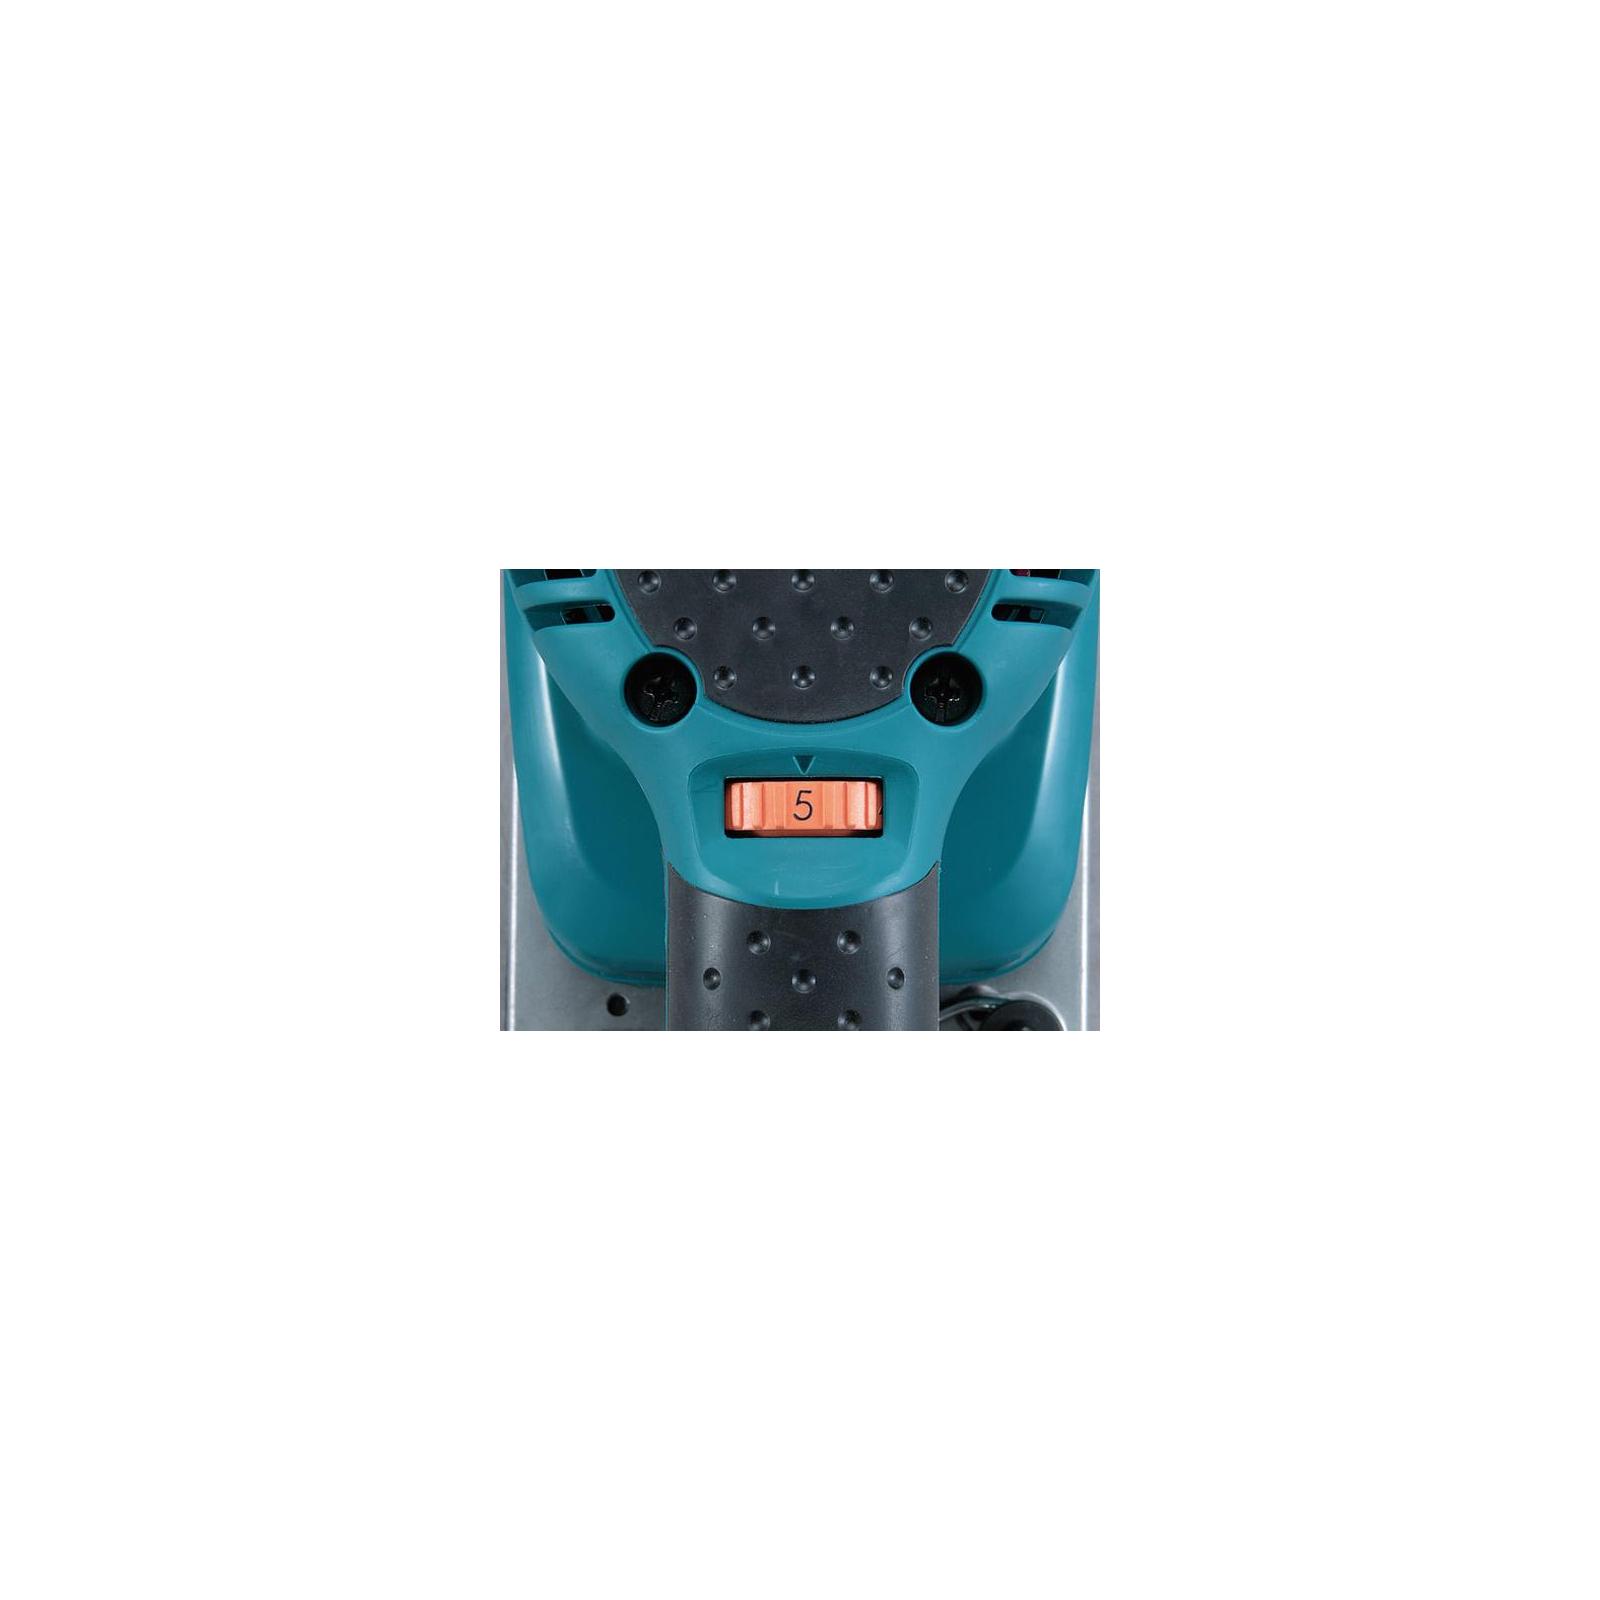 Шлифовальная машина Makita BO3710, вибрационная (BO3710) изображение 4